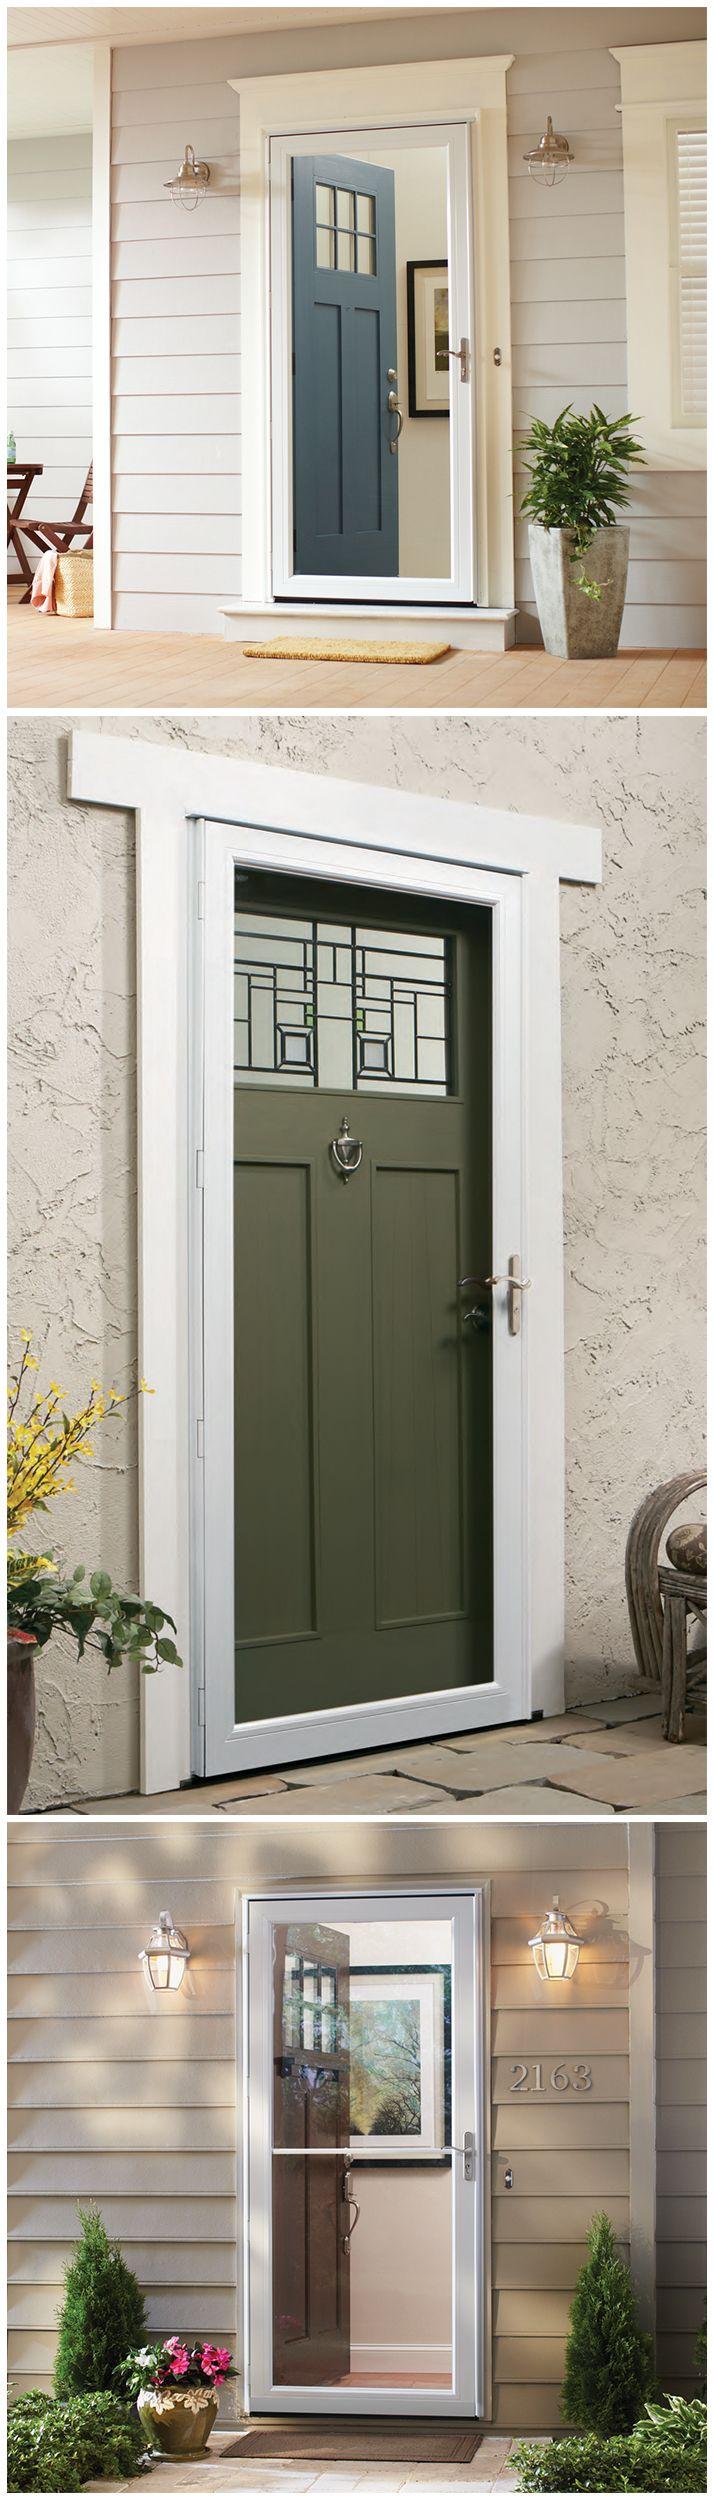 14 Best Images About Jardin On Pinterest Andersen Storm Doors